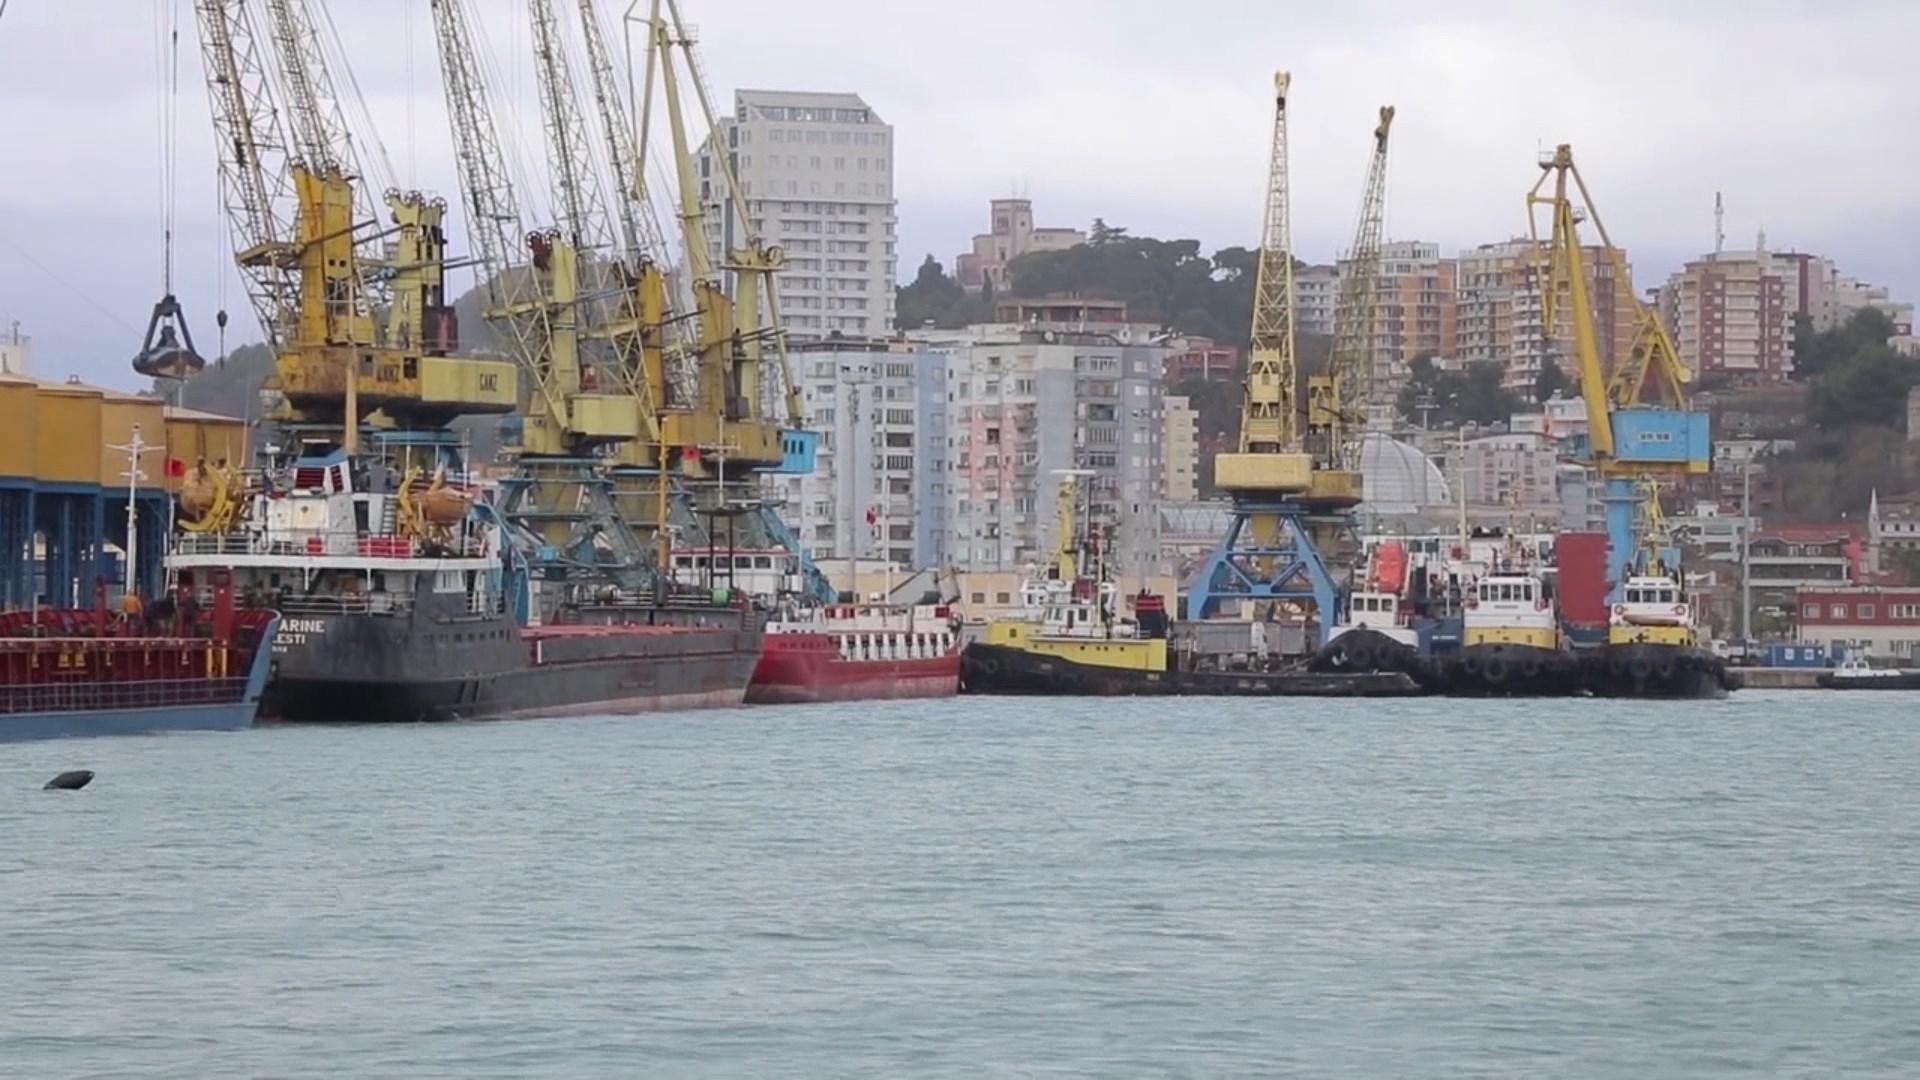 Durrës, 8.6 milionë euro për basenin në port